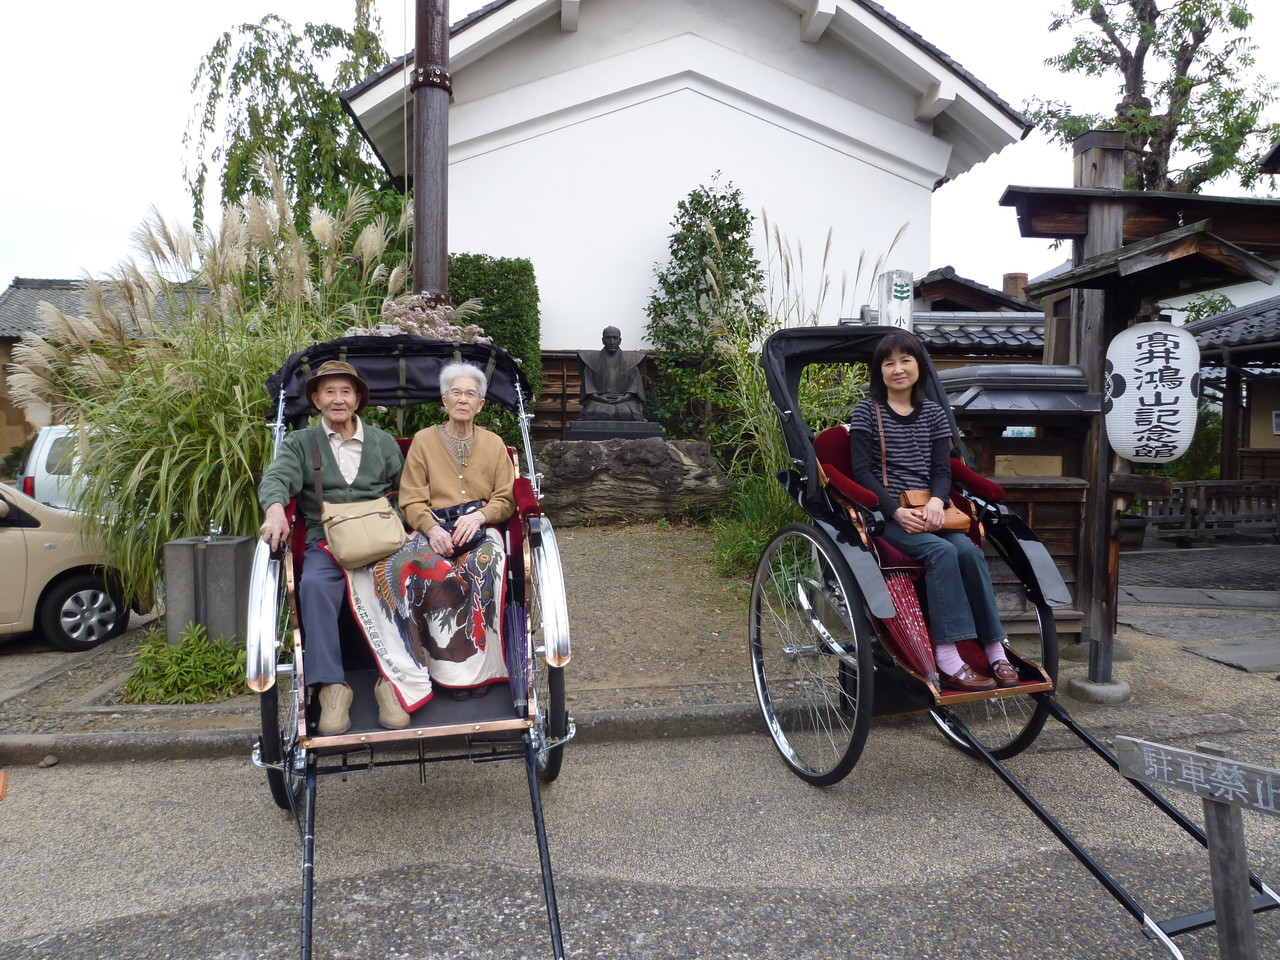 2012 10 14! 旬の小布施町へ!ようこそ!3